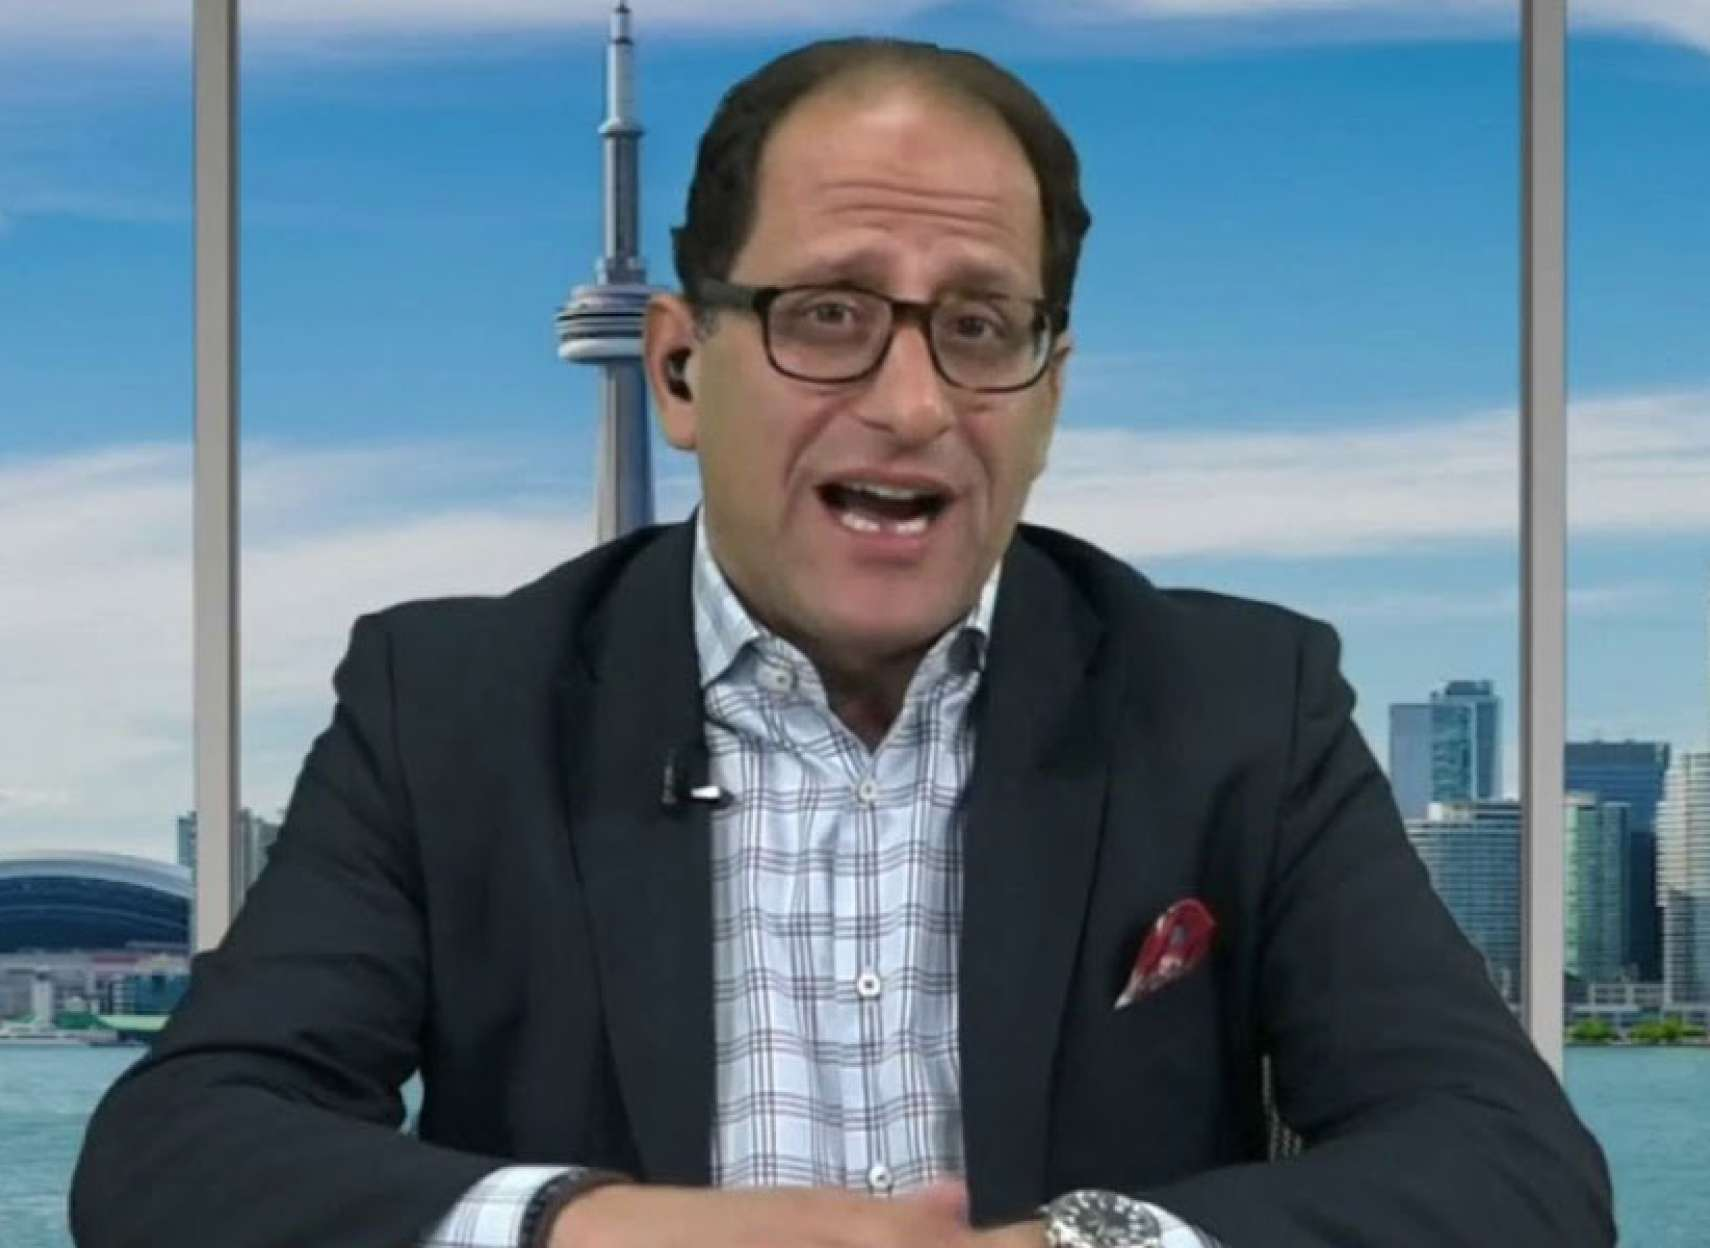 اخبار-کانادا-پاسخ-سوالات-شما-و-ایران-استار-درباره-دولت-کانادا-در-مصاحبه-اختصاصی-با-علی-احساسی